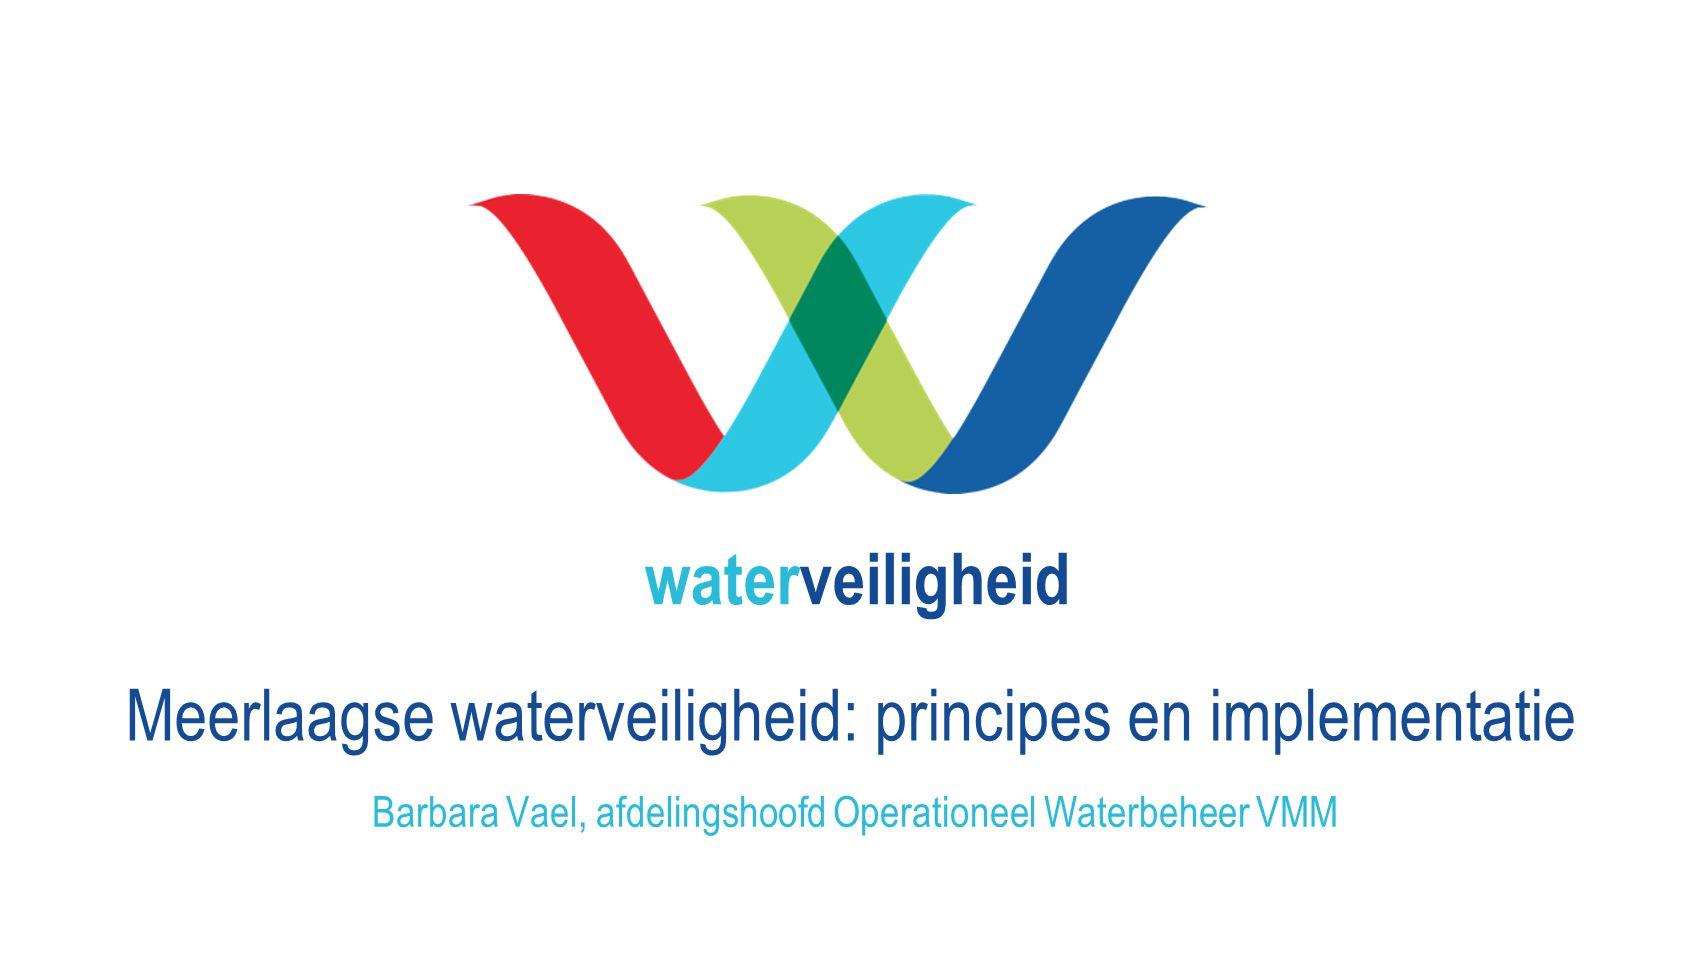 Barbara Vael, afdelingshoofd Operationeel Waterbeheer VMM